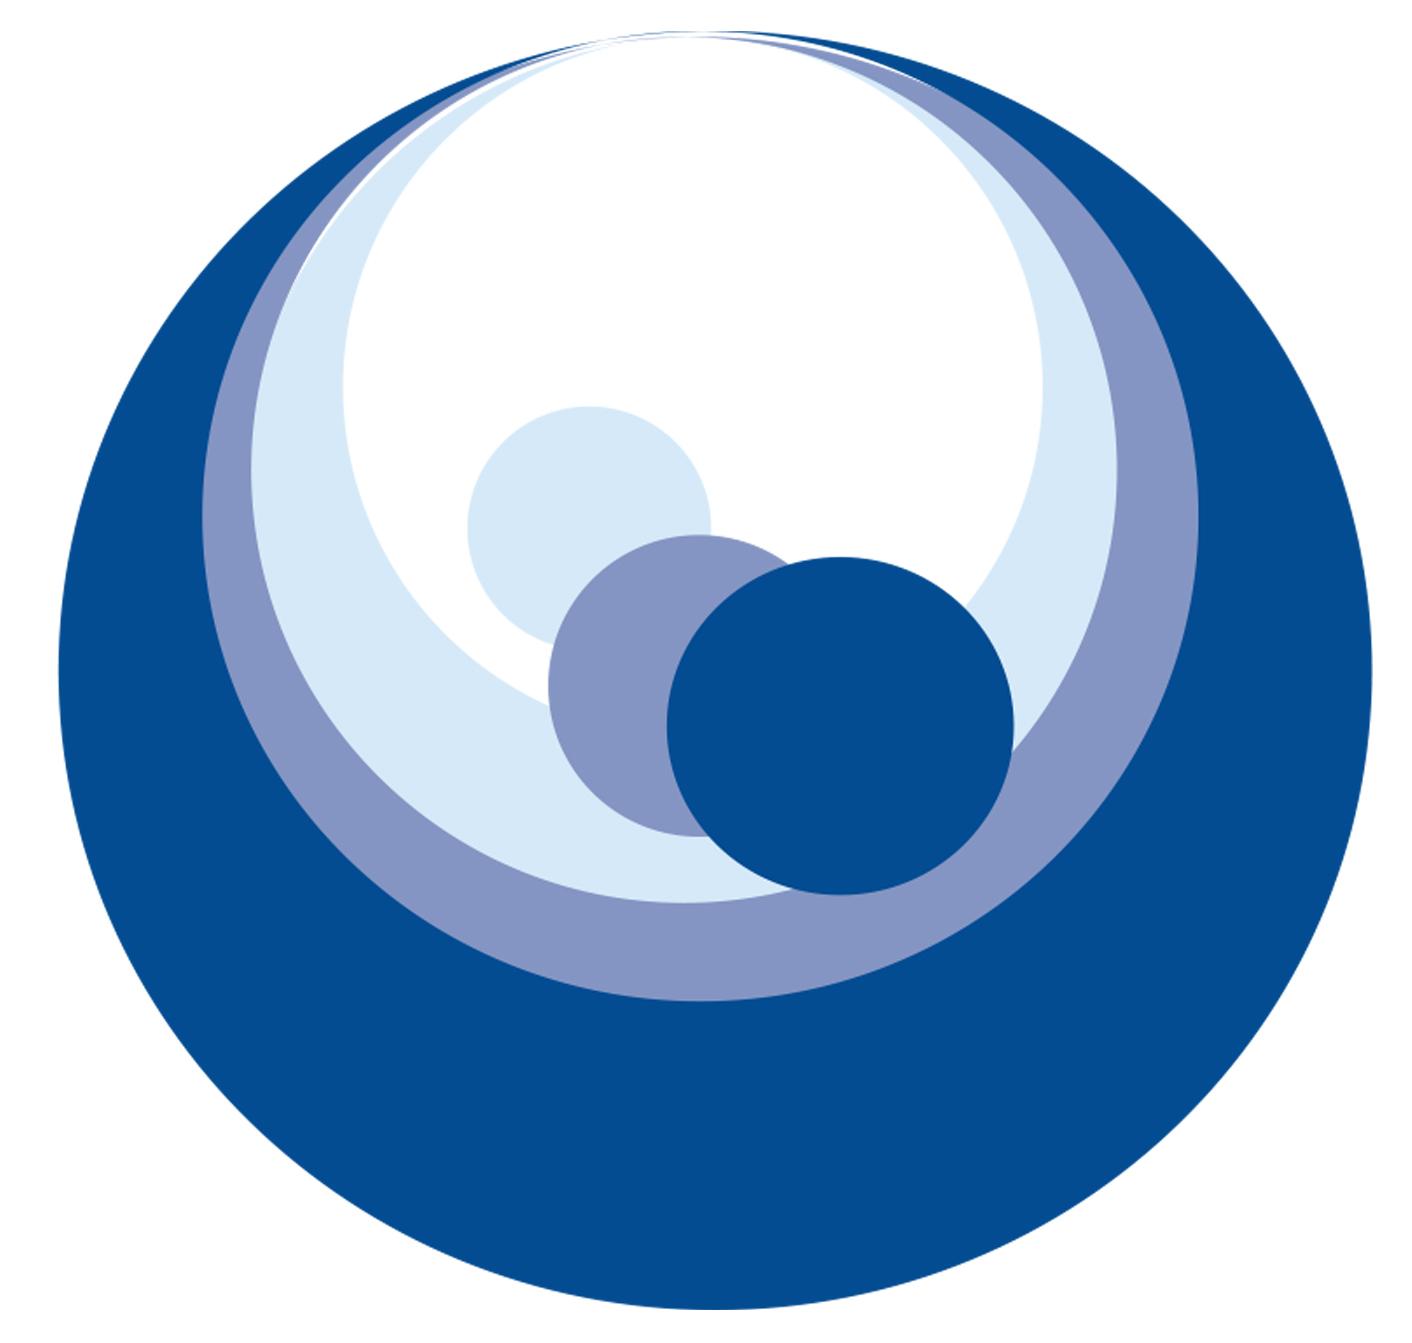 SWGC Logo.jpg